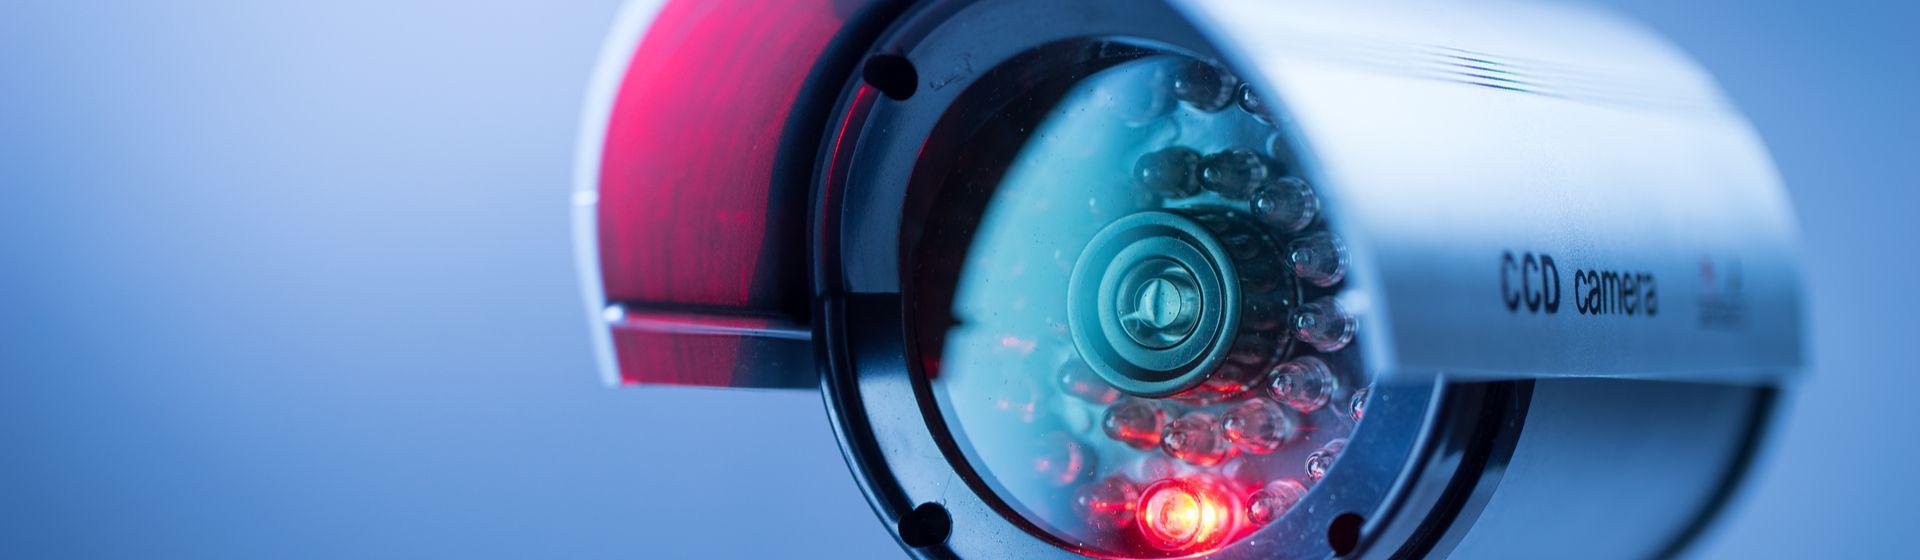 As 5 Melhores Câmeras de Segurança em 2021